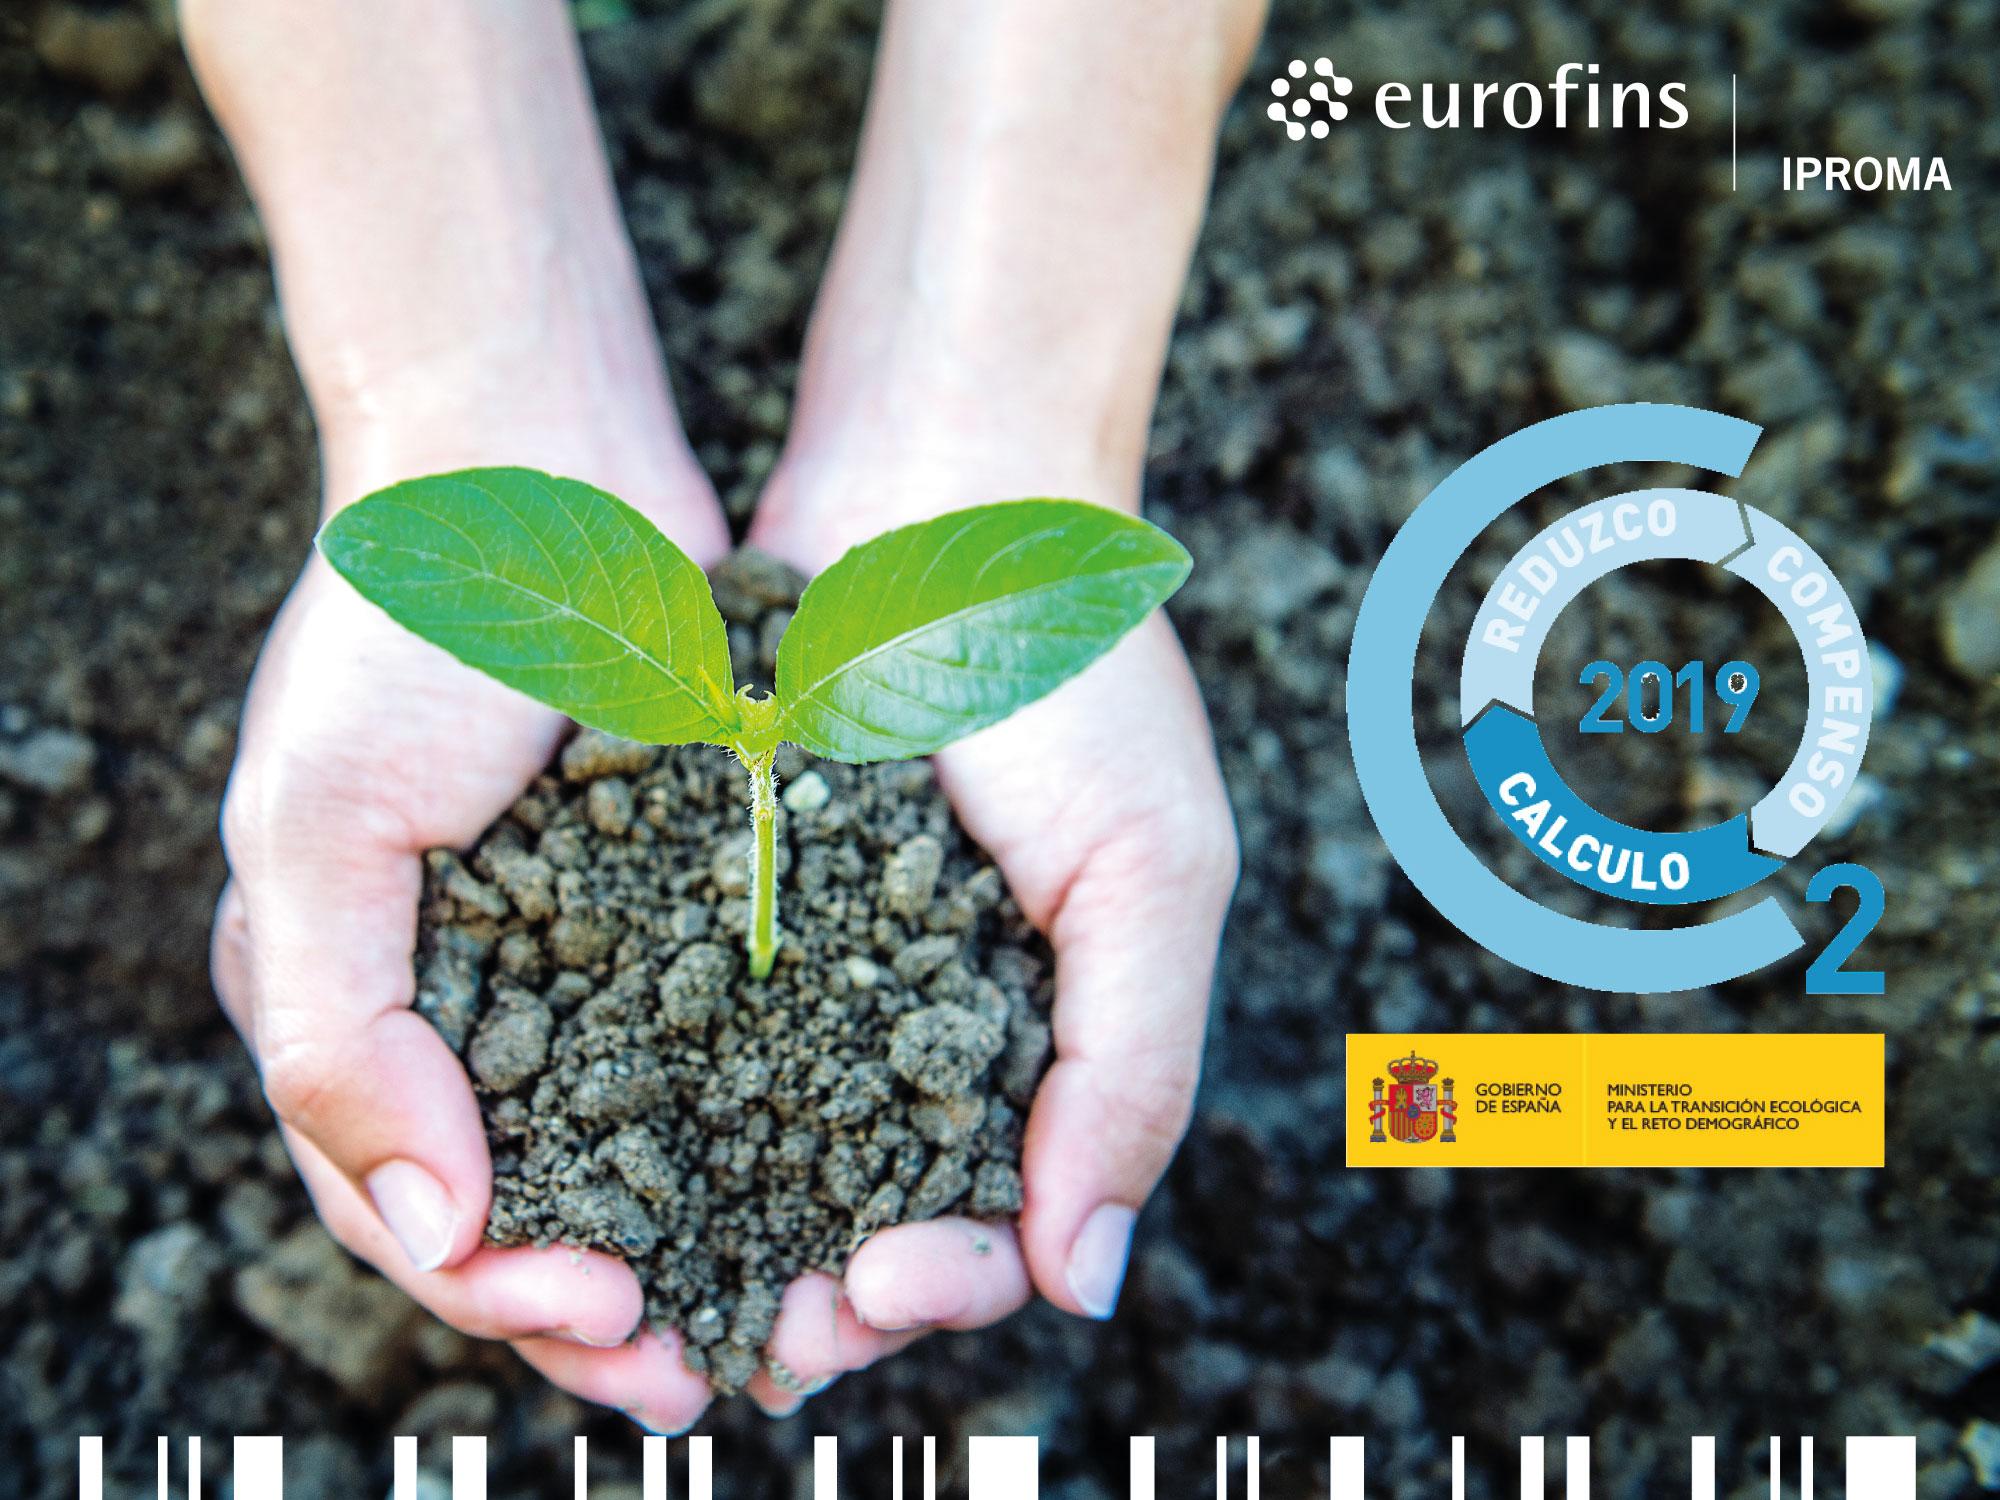 Eurofins | IPROMA inscribe su huella de carbono en el Ministerio de Transición Ecológica